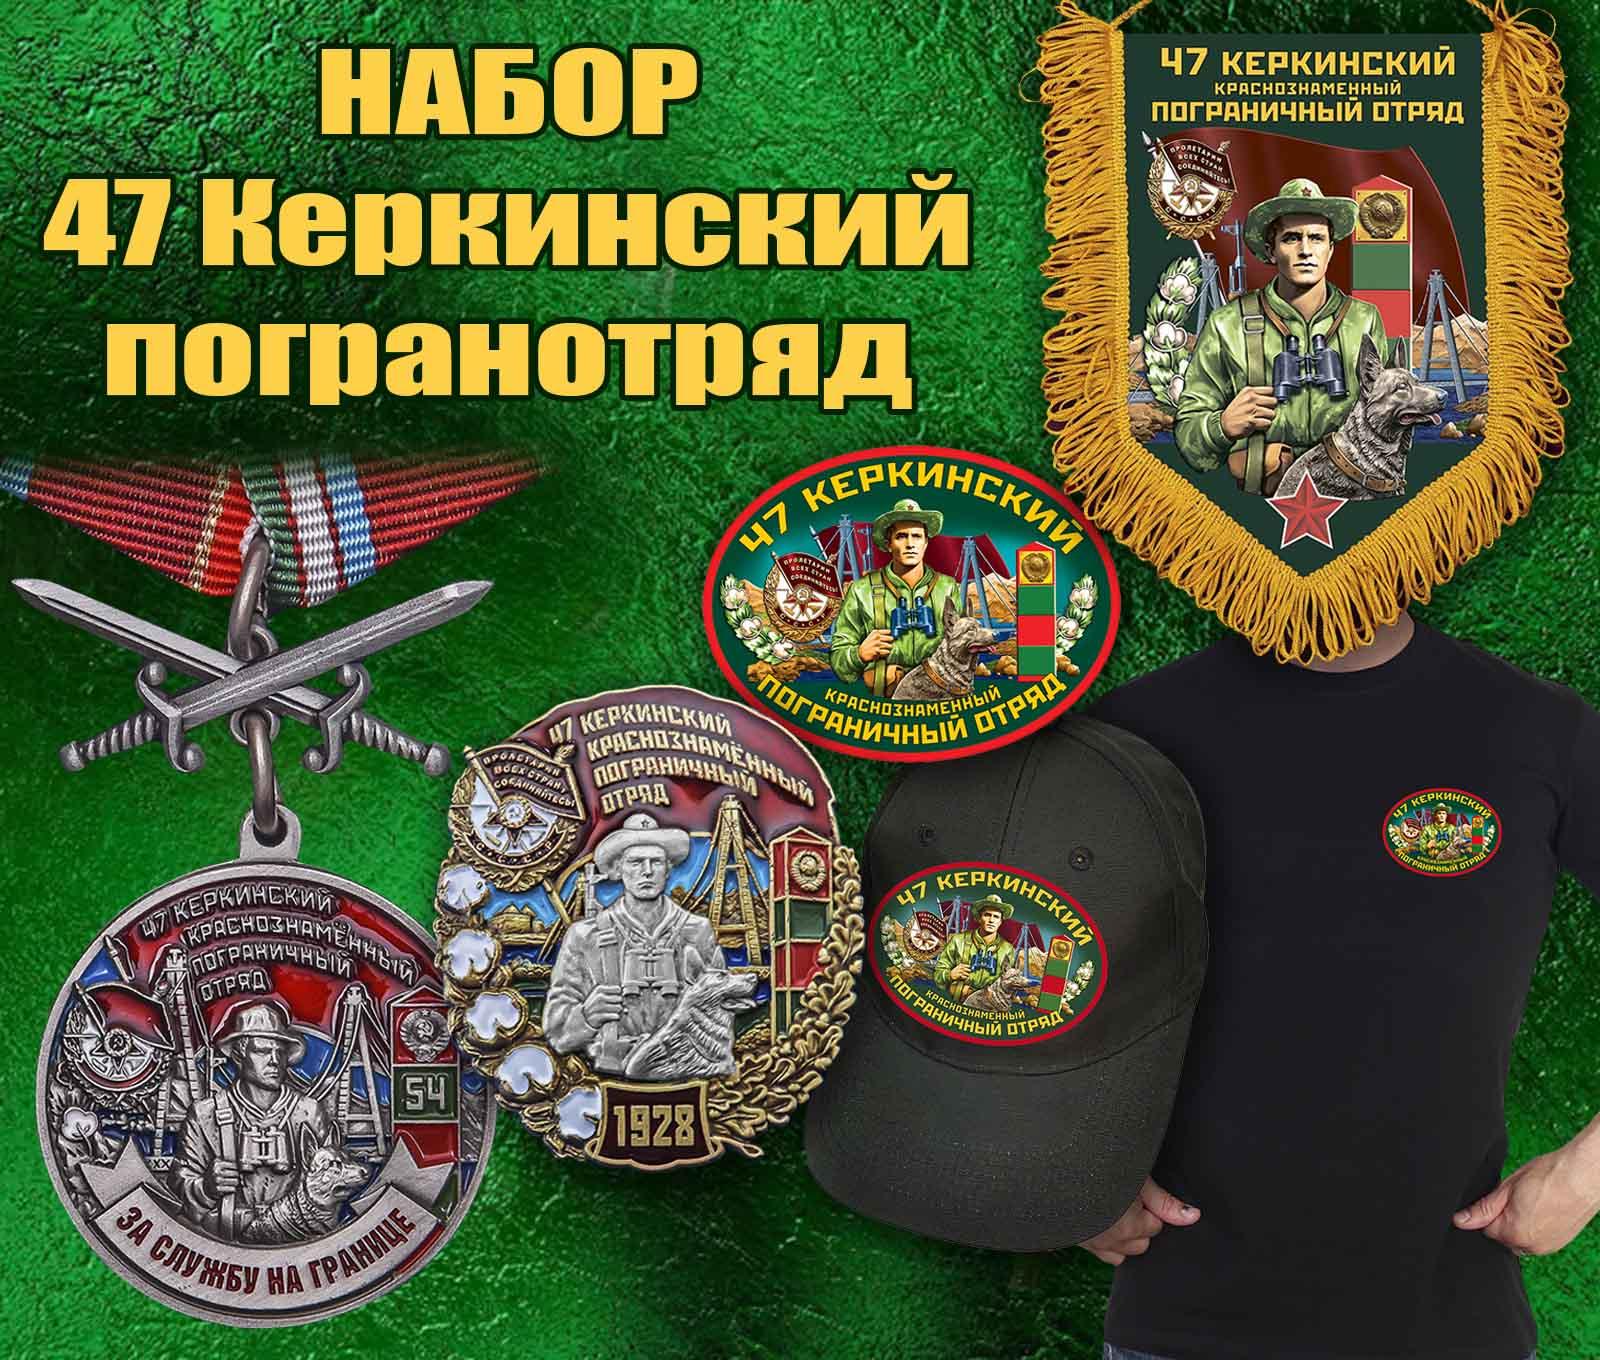 """Подарочный набор """"47 Керкинский пограничный отряд"""""""